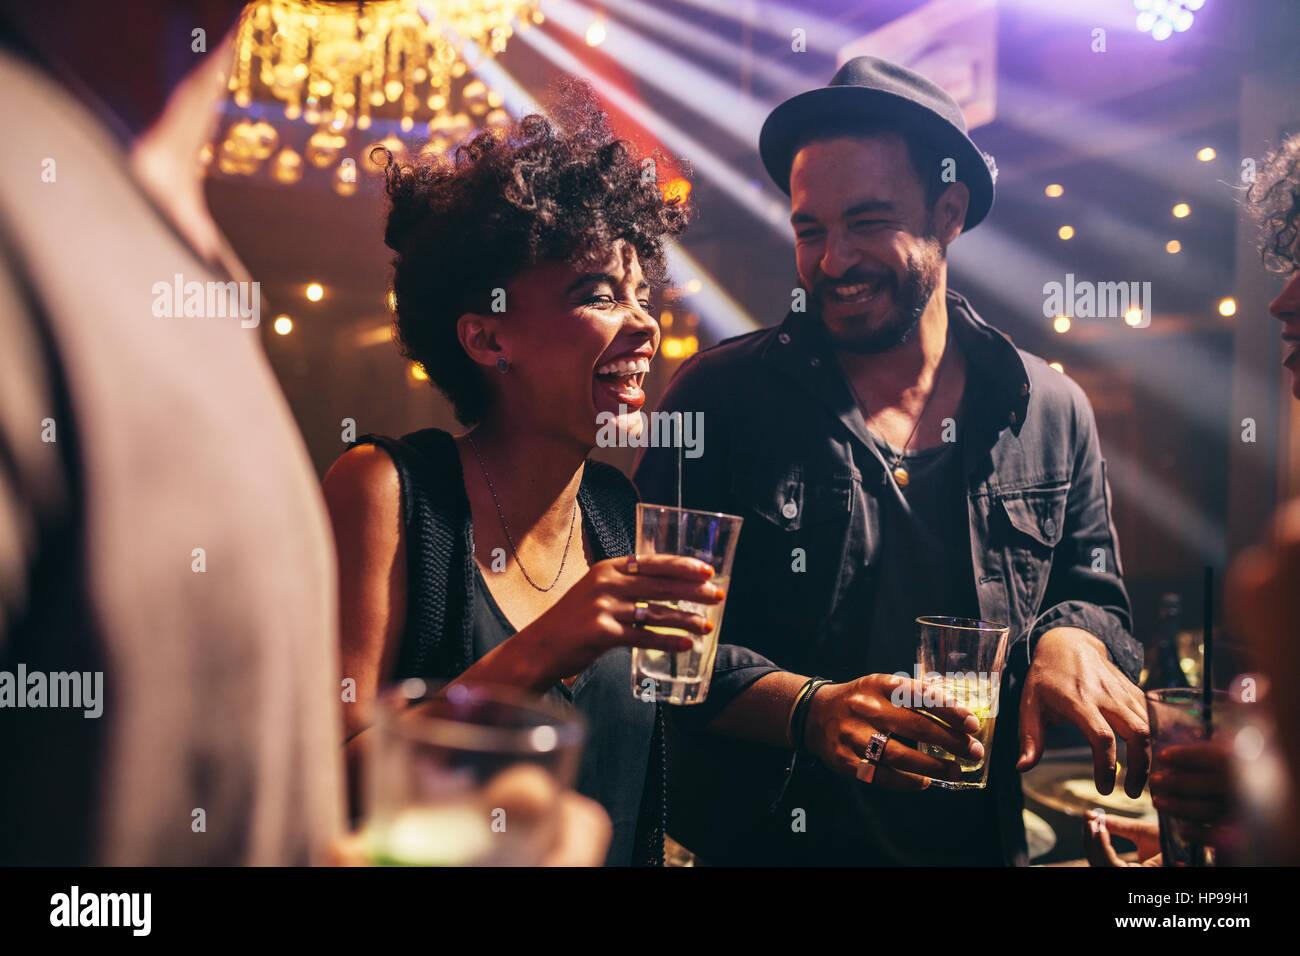 Grupo de jóvenes amigos por la noche en el pub. Feliz de hombres y mujeres jóvenes tener bebidas y sonriente Imagen De Stock